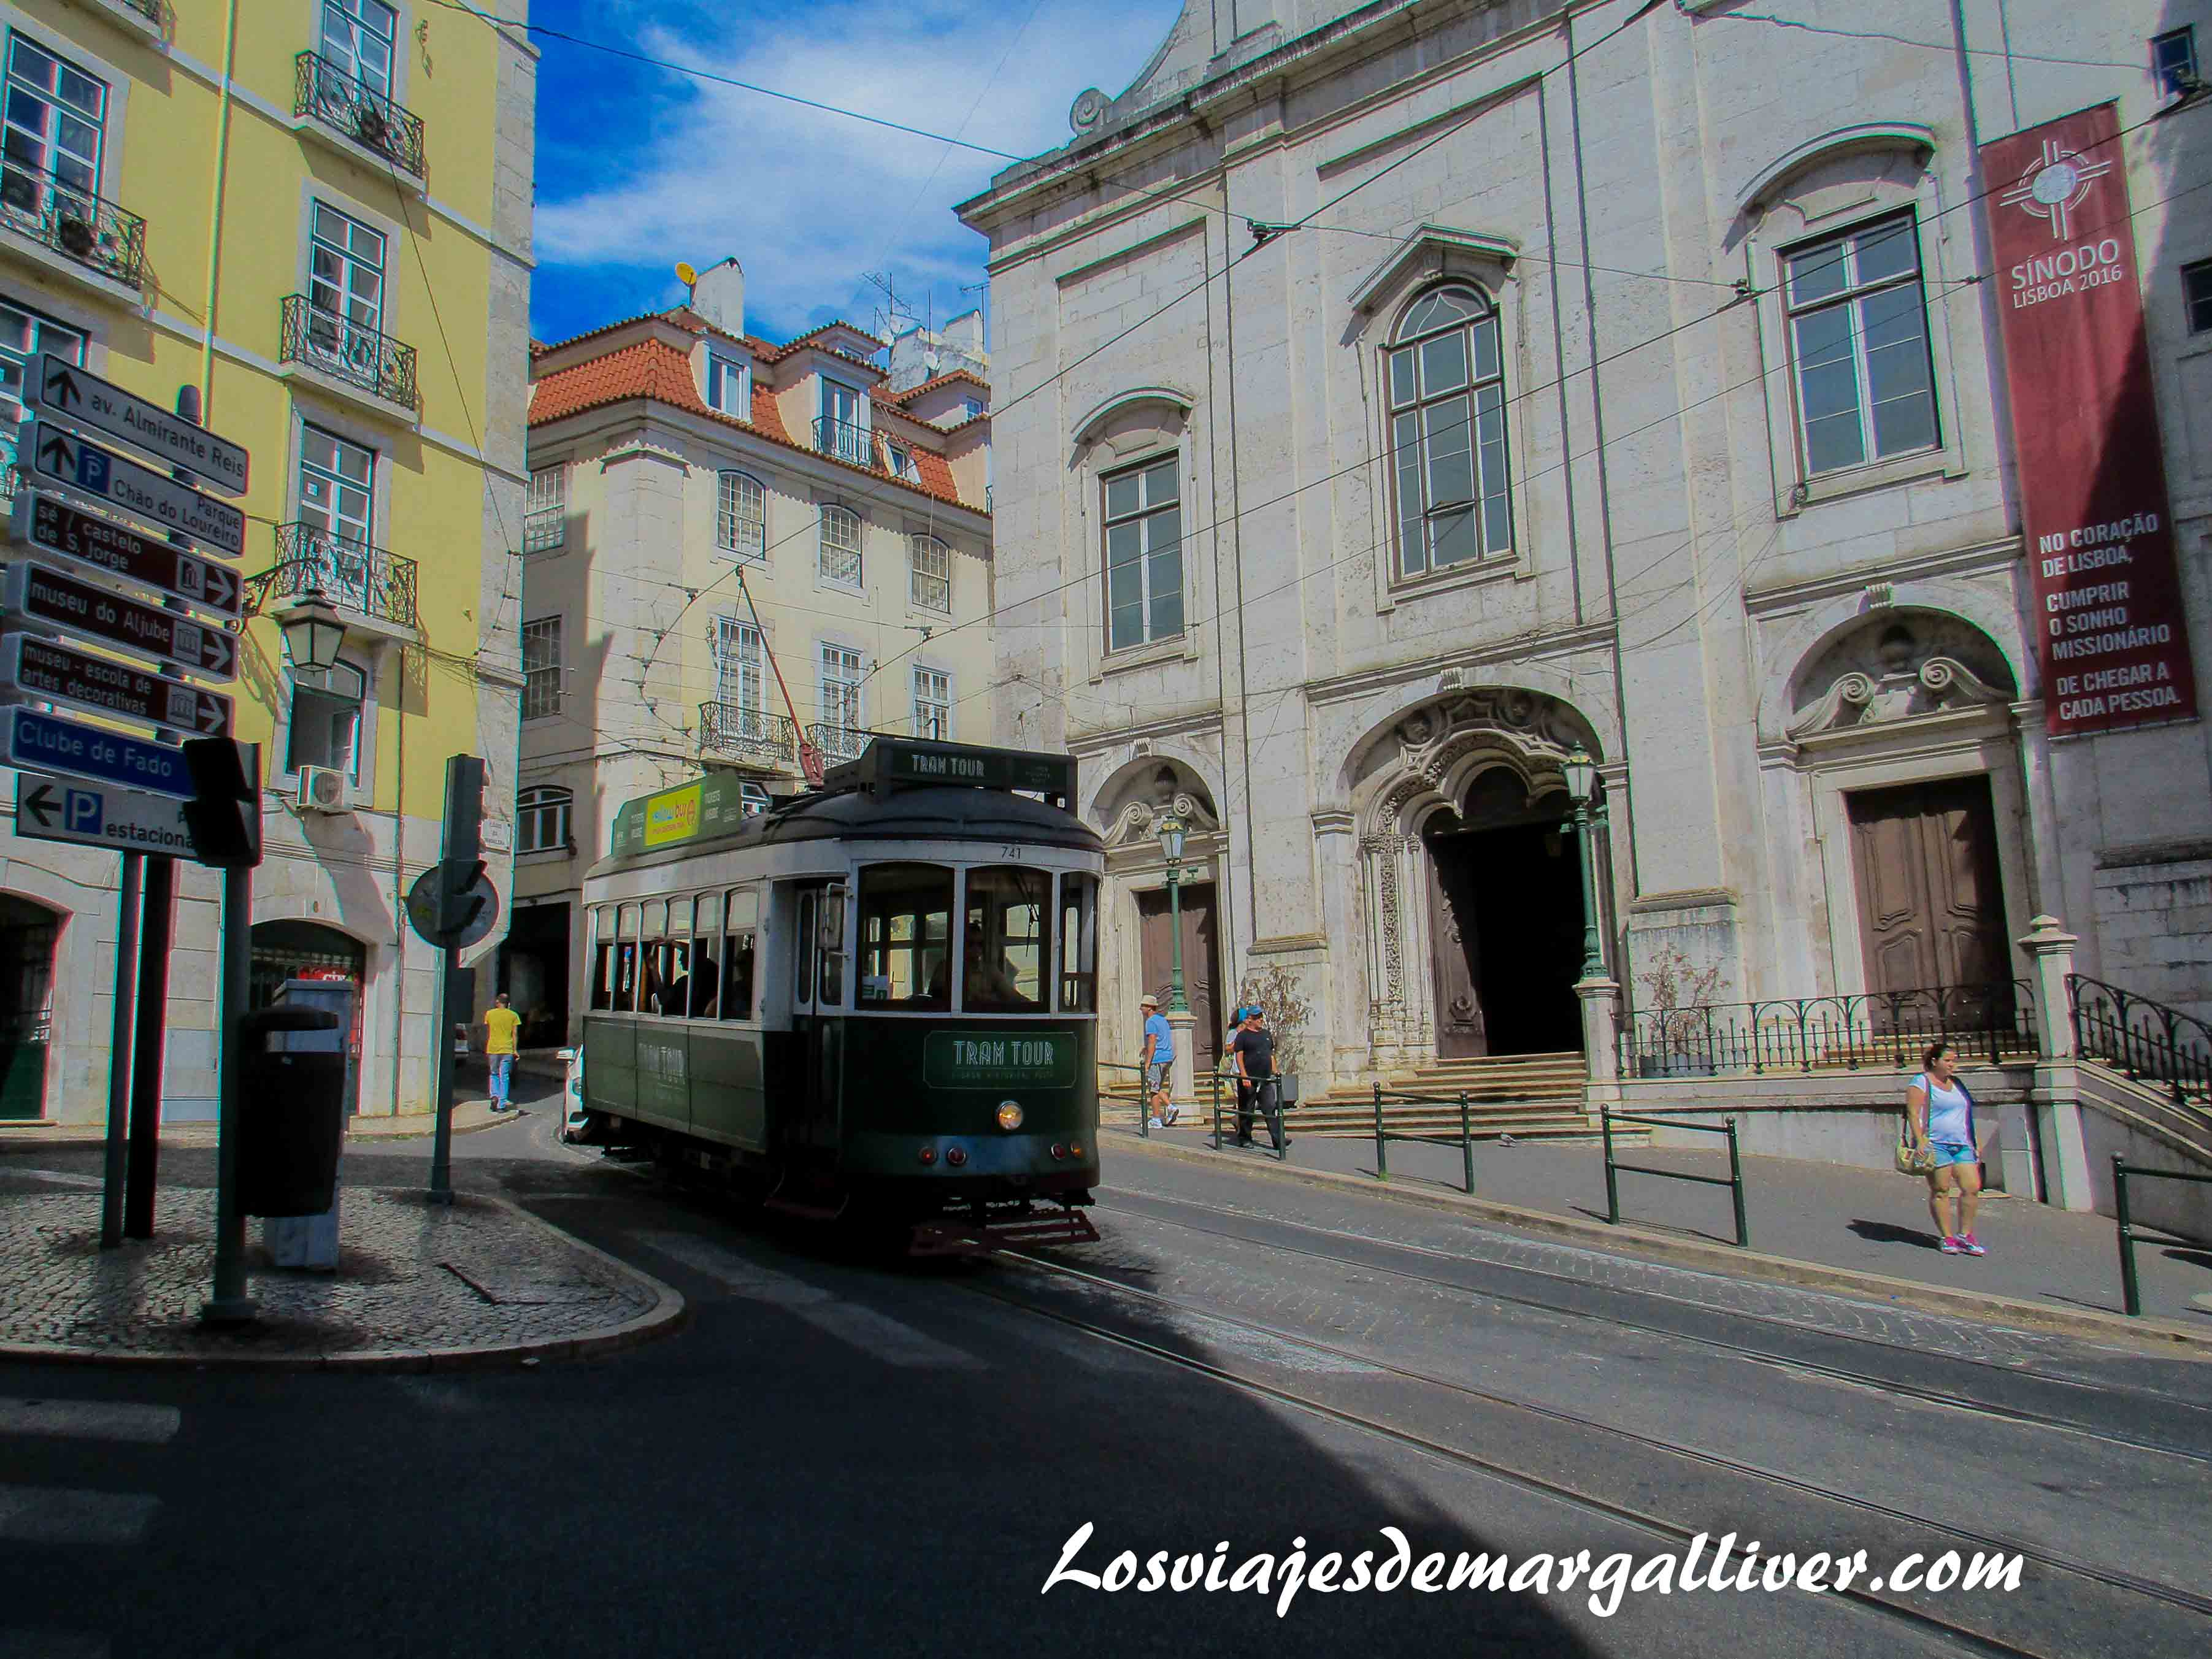 Tranvia pasando en Lisboa - Los viajes de Margalliver